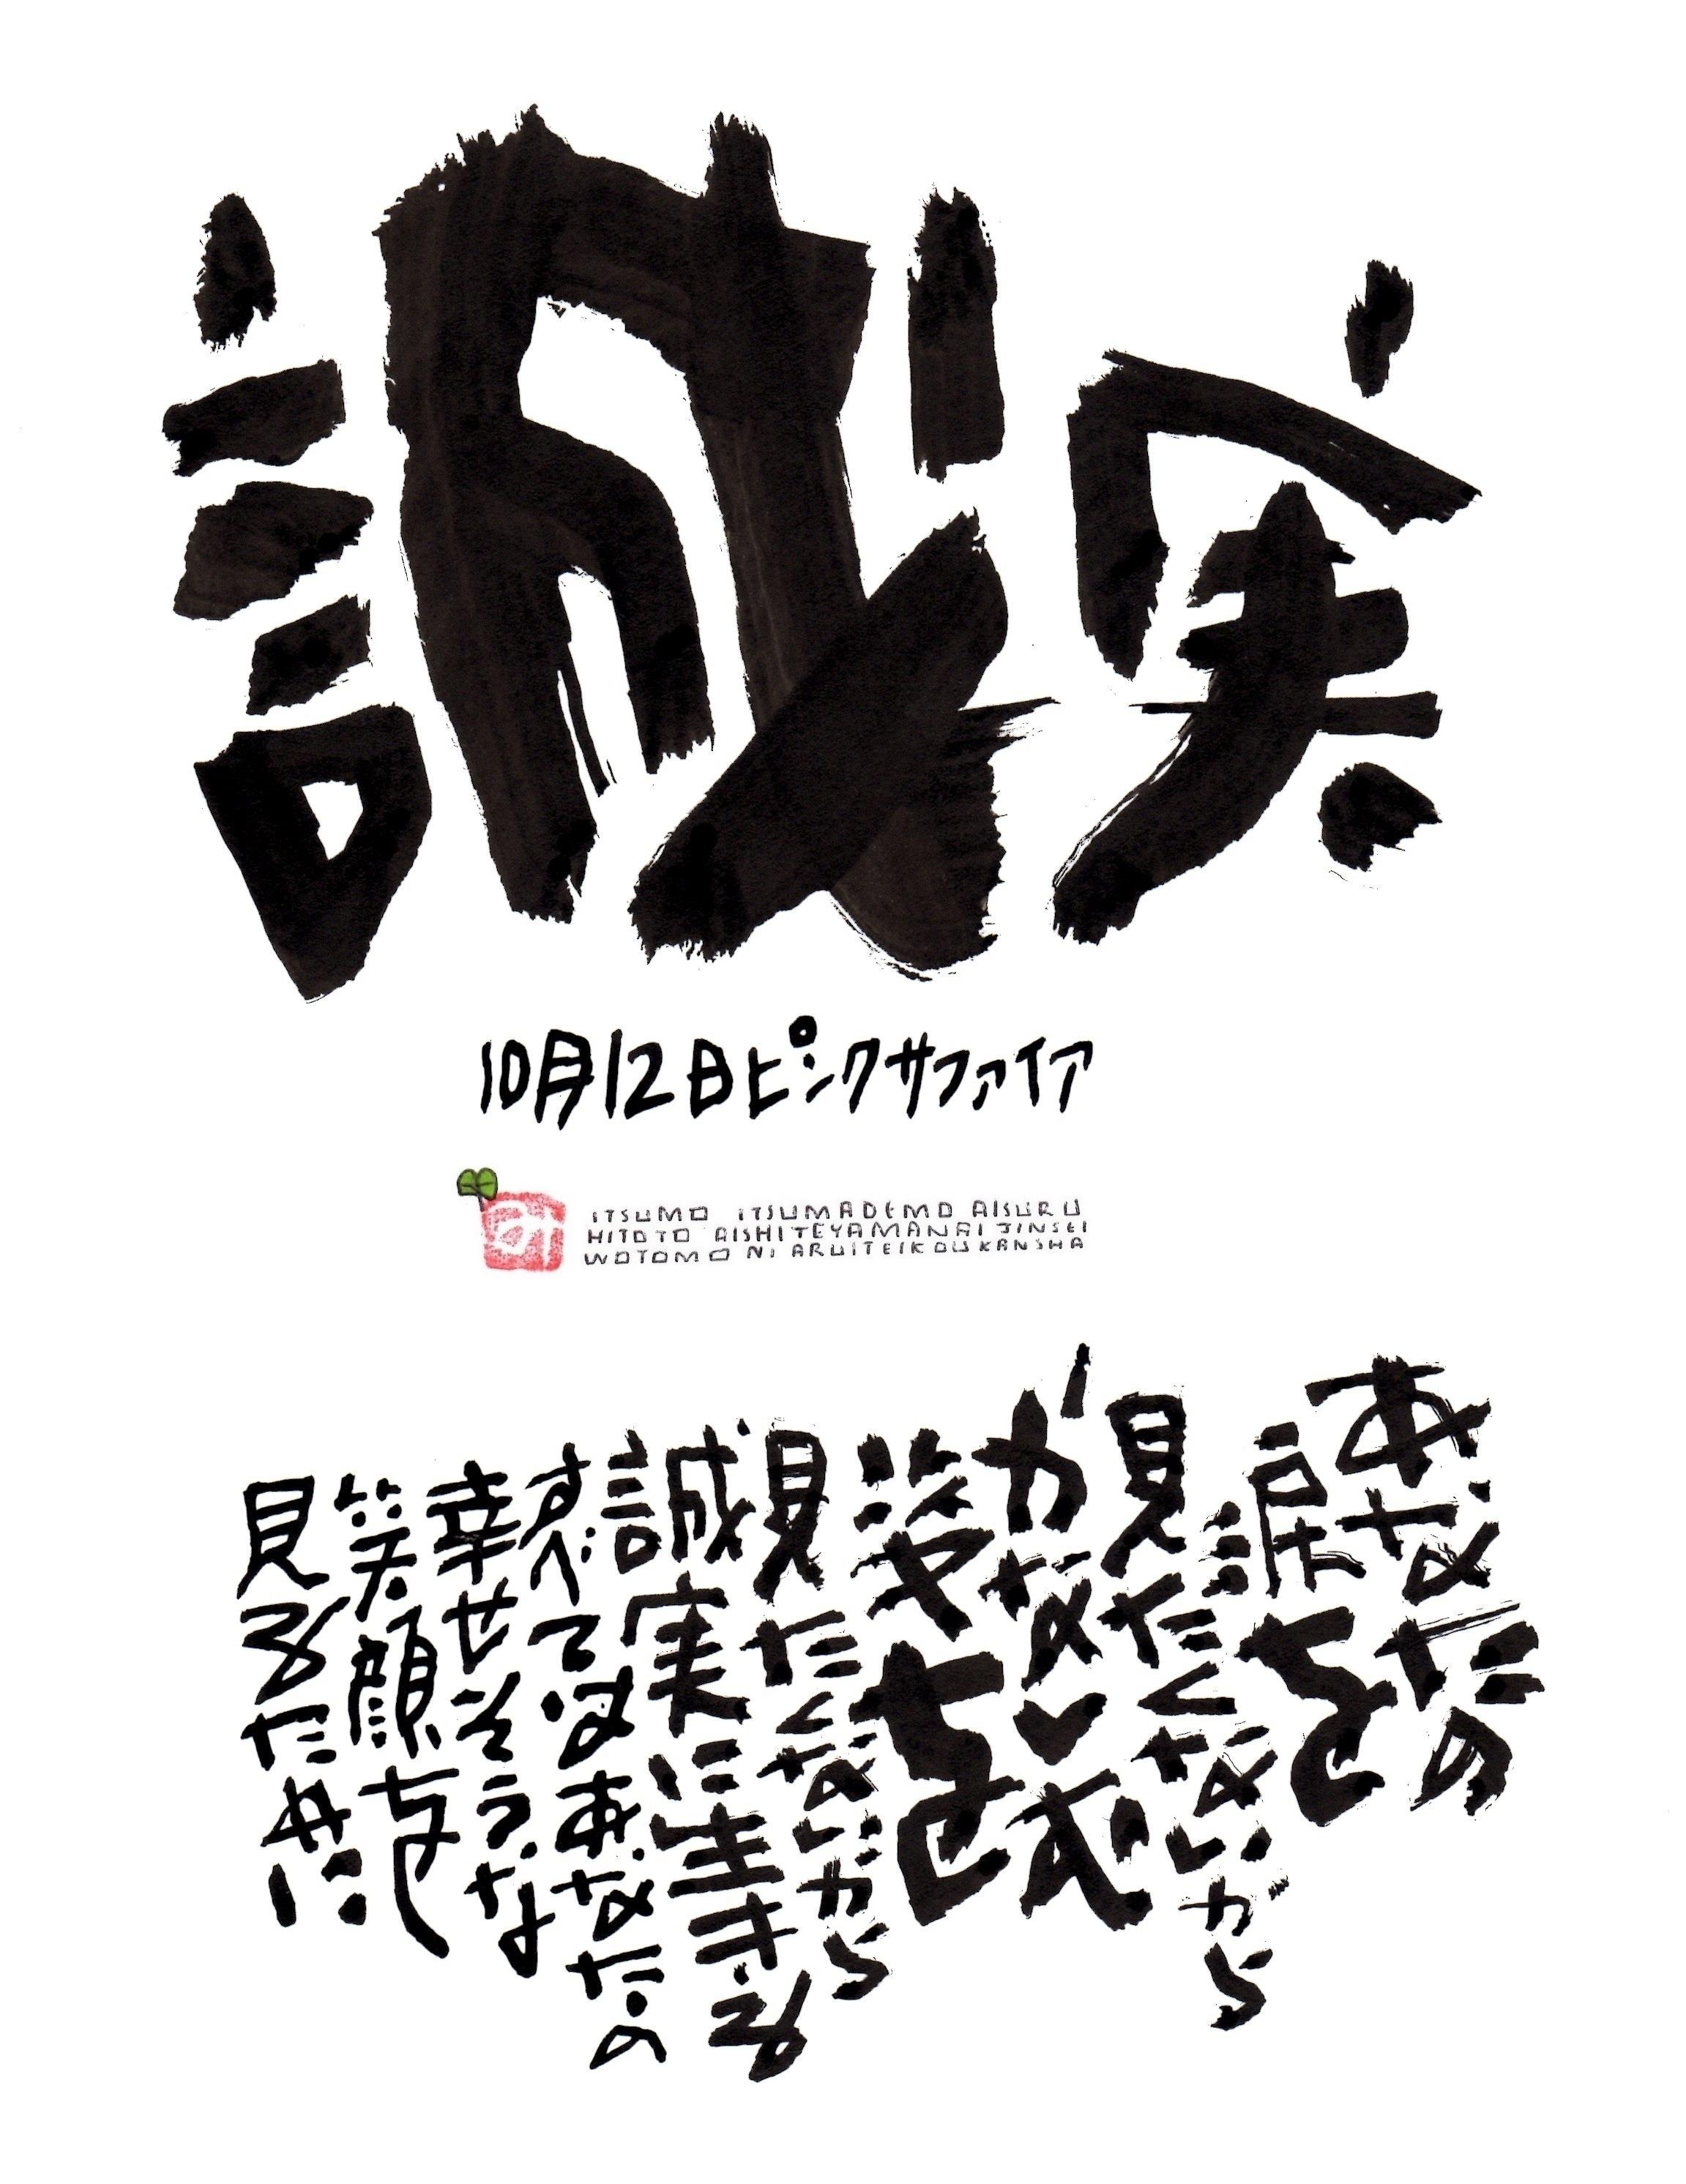 10月12日 結婚記念日ポストカード【誠実】